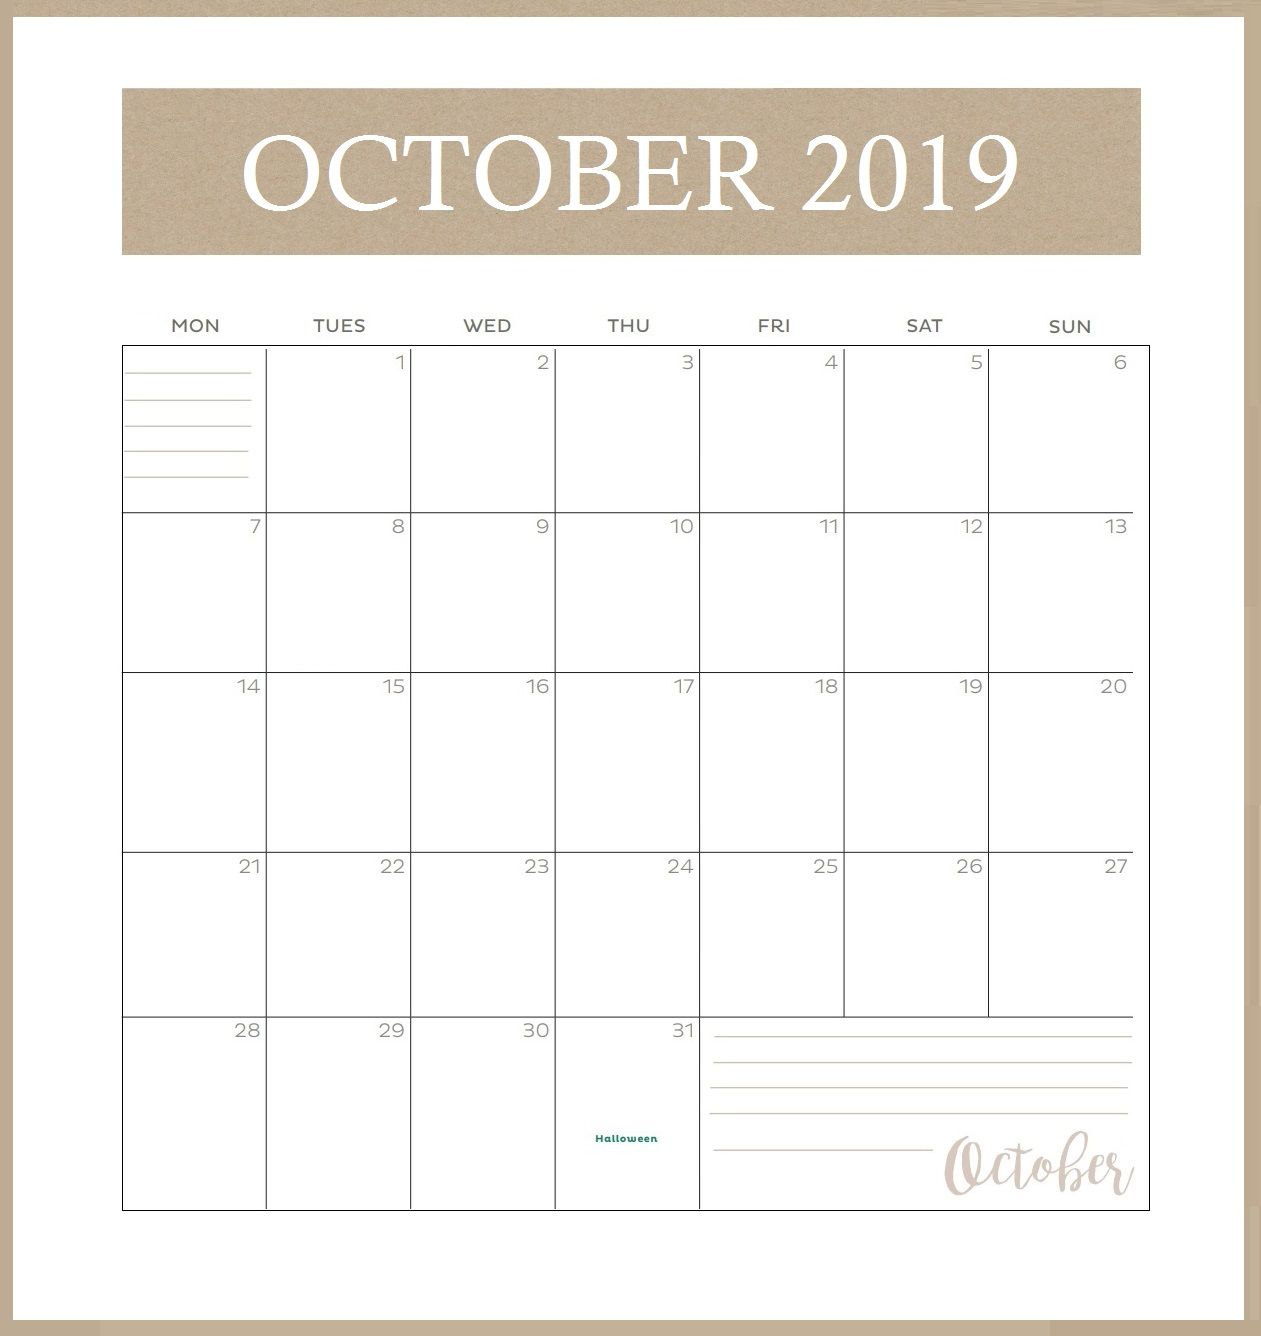 Printable October 2019 Calendar Vertical 2019 Calendar Free Printable Calendar Templates Digital Calendar